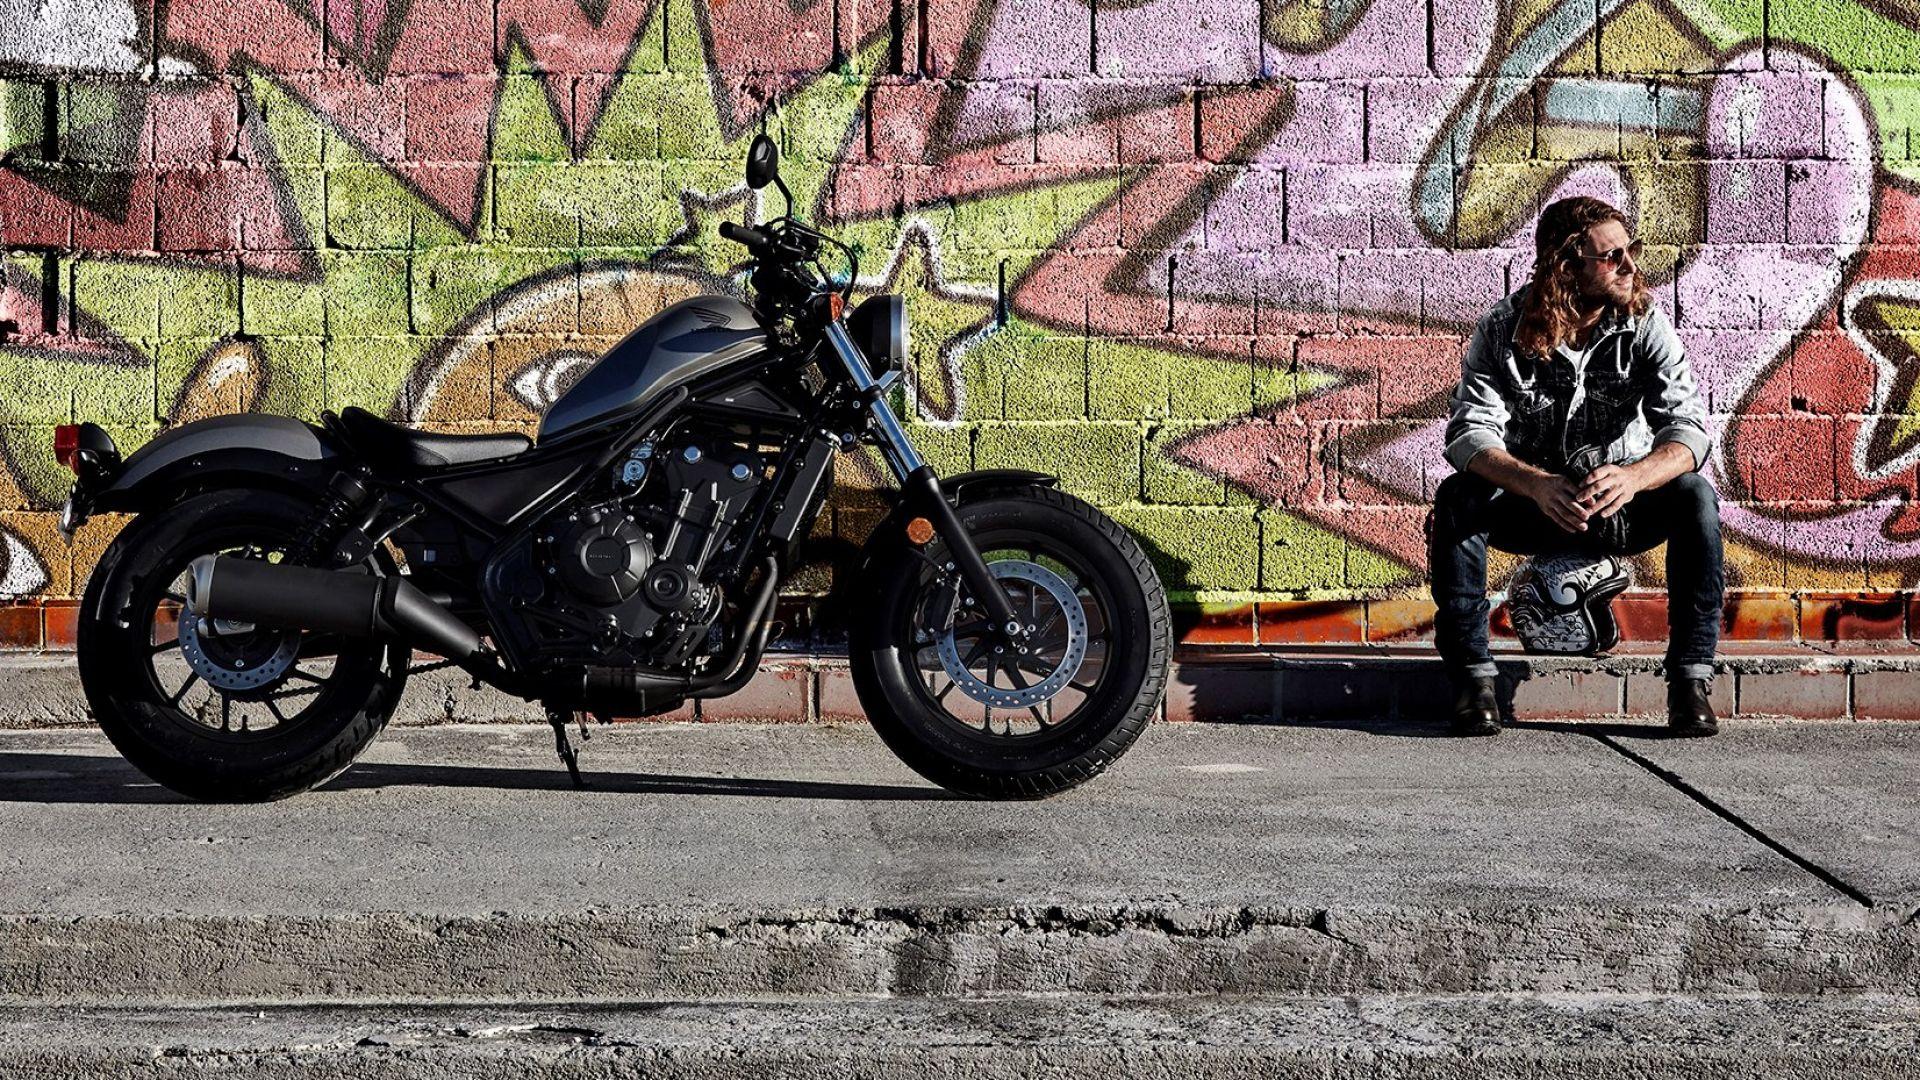 Novit moto honda cmx500 rebel una nuova custom a long for Long beach honda